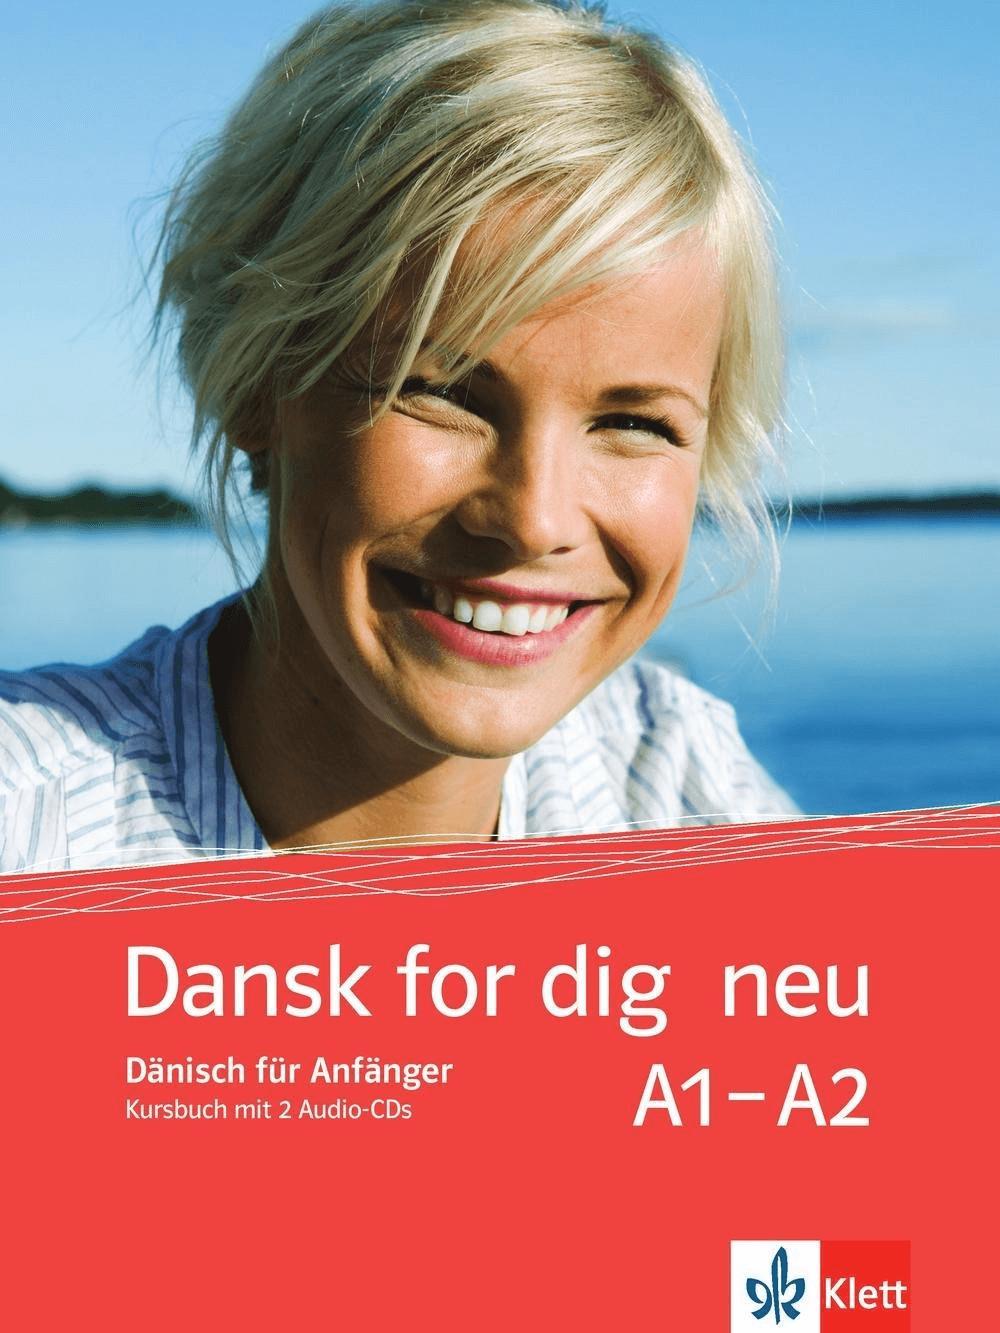 Dansk for dig neu. Kursbuch und 2 Audio-CDs